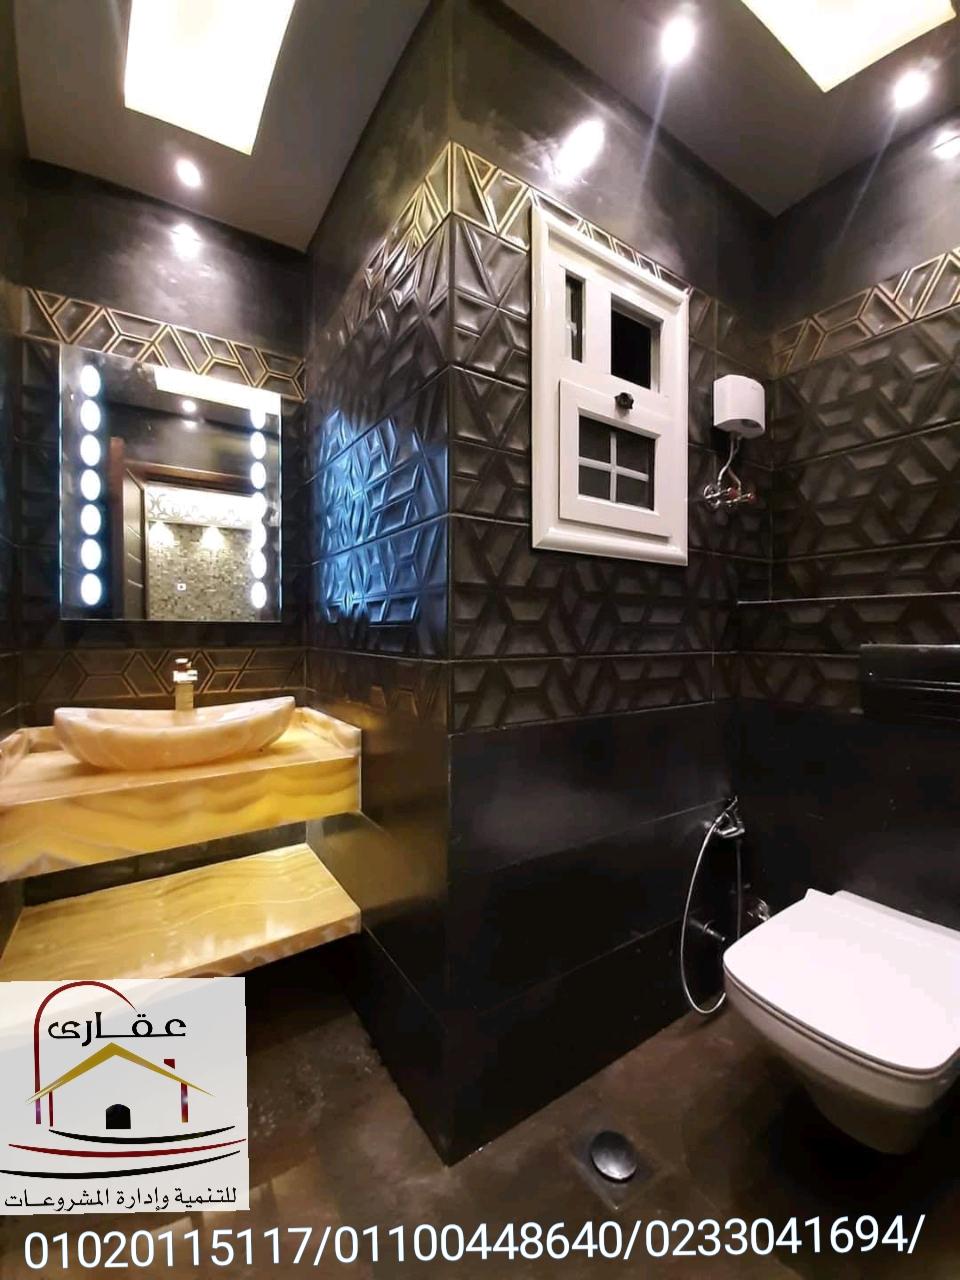 افضل تشكيلة حمامات فى مصر شركة عقارى 01100448640 Whats149